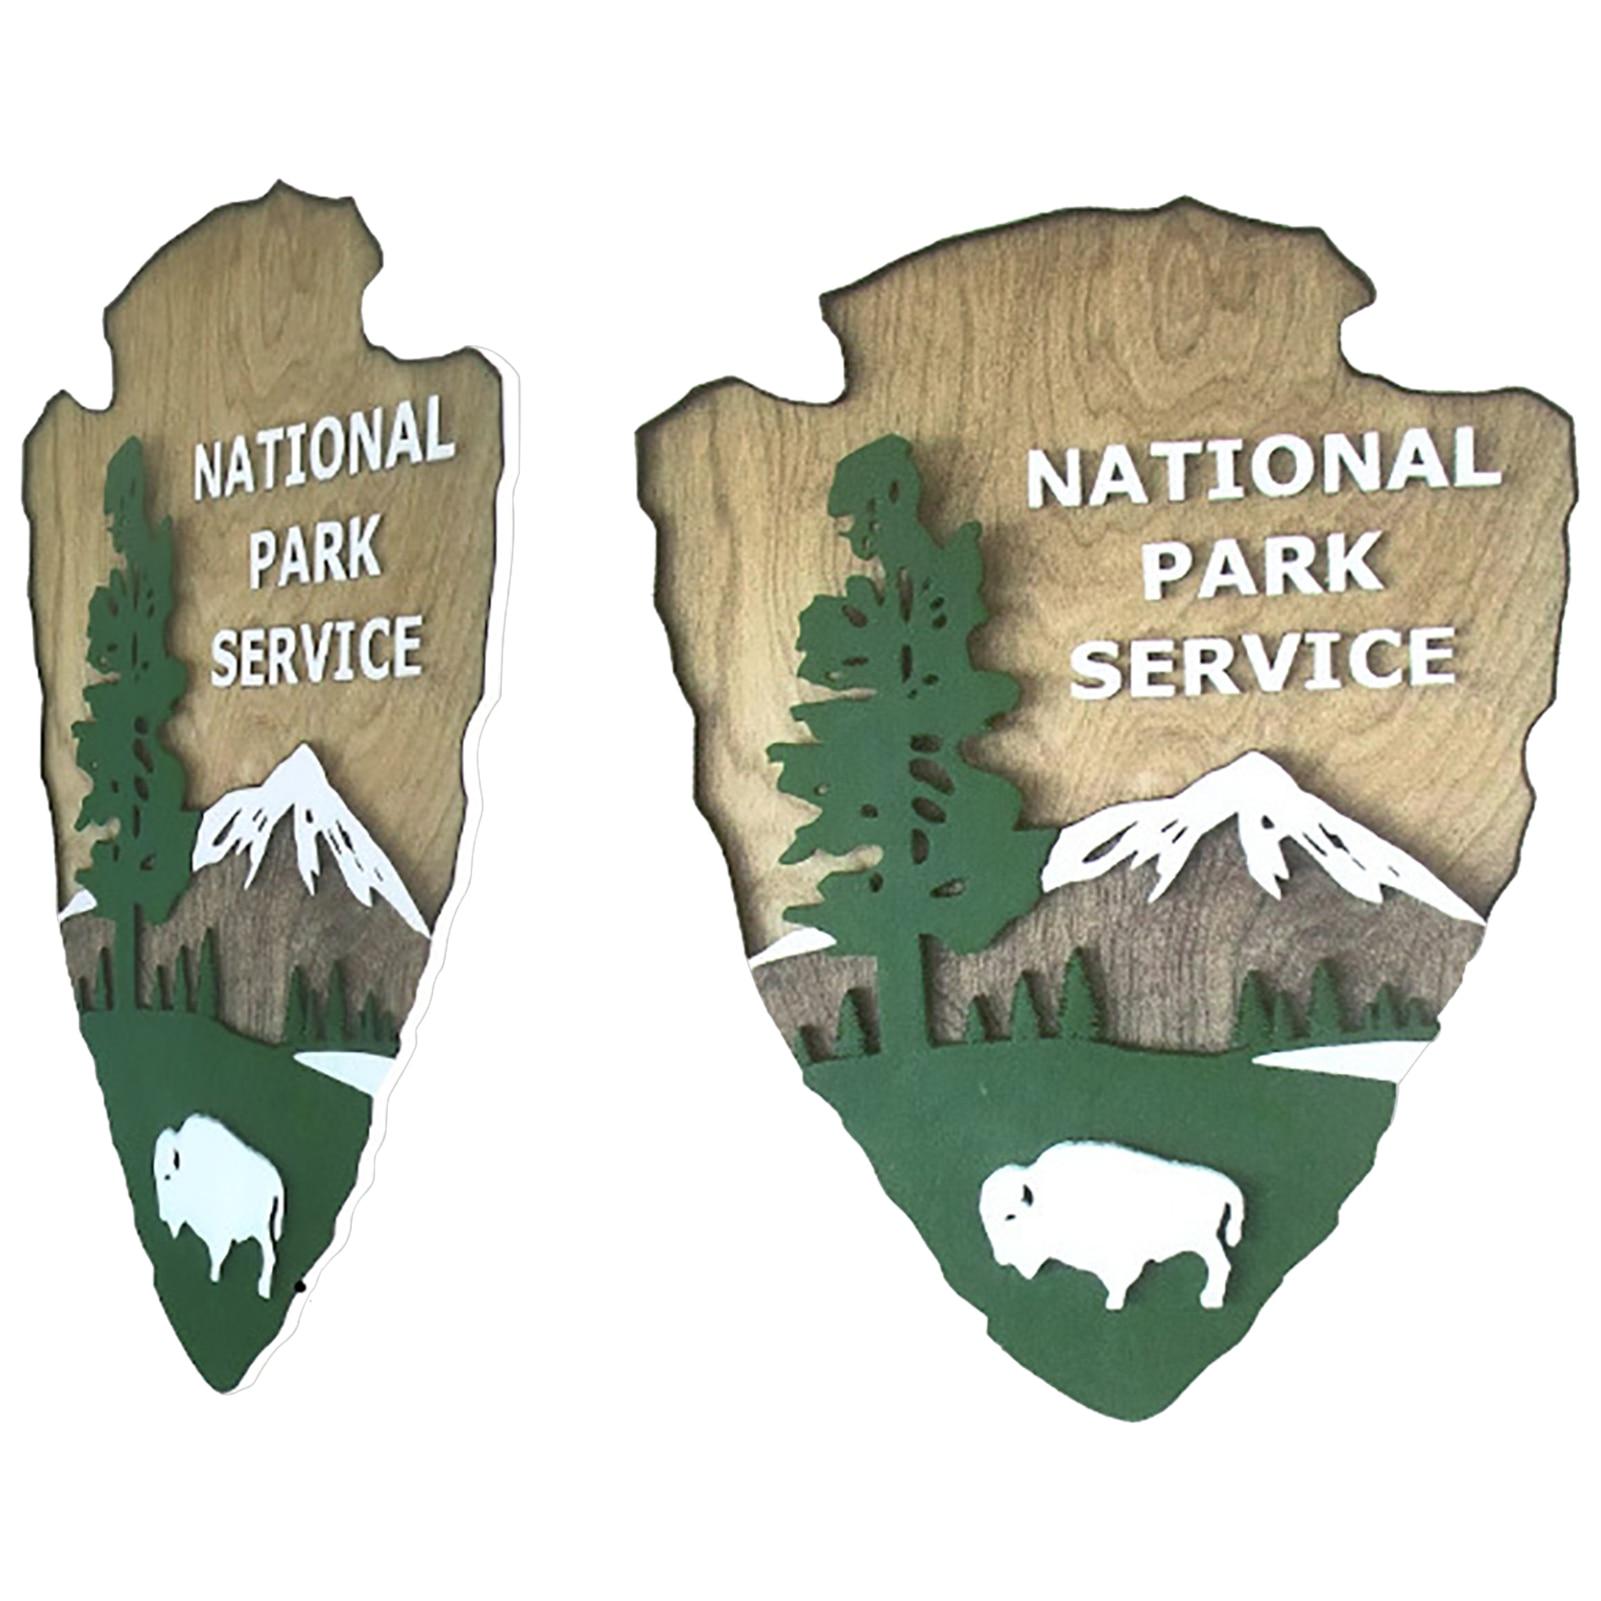 Сервисный знак, деревянный знак, украшение, заостренный деревянный знак, украшение для дома, печать на сервисе в национальном парке, украшен...